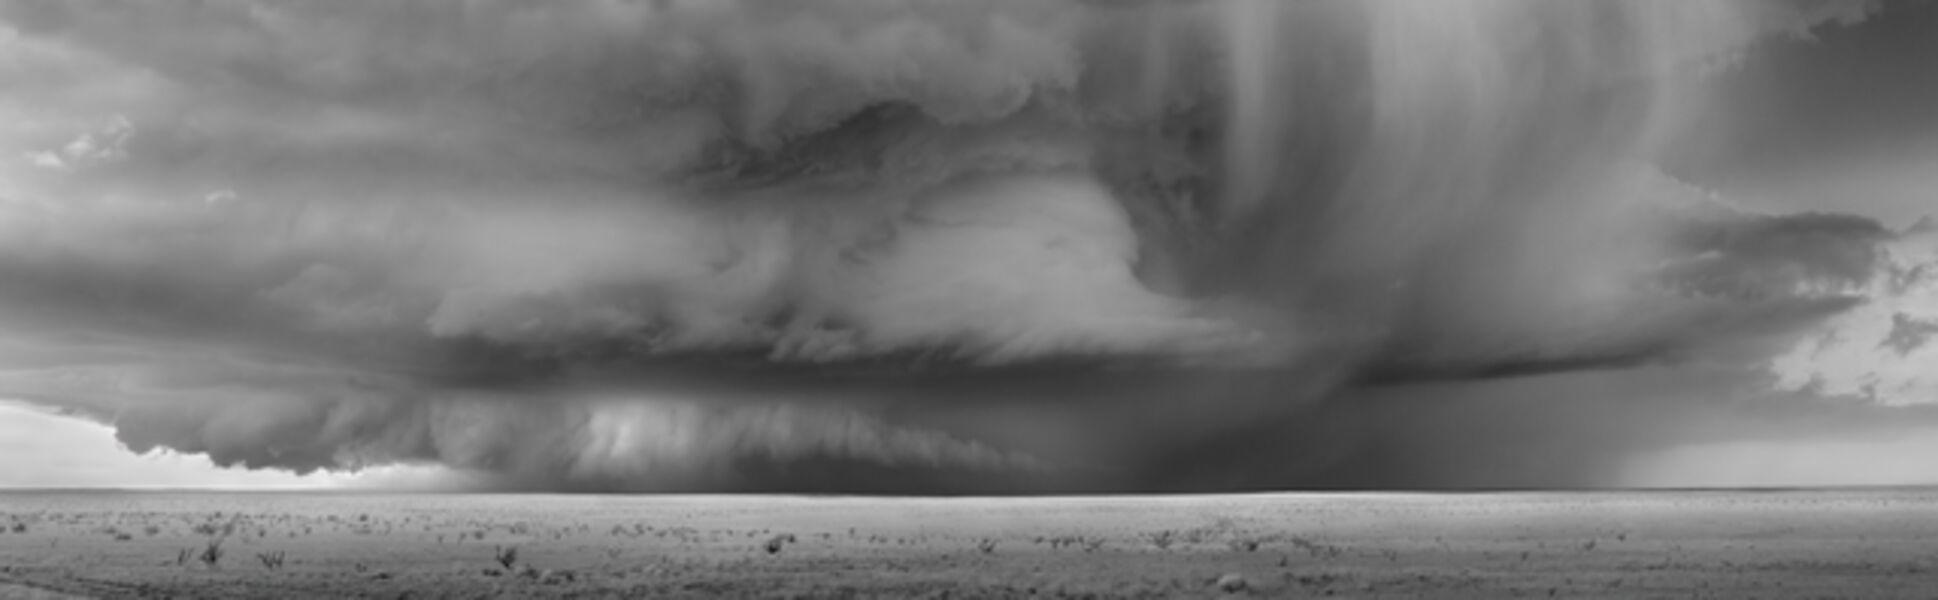 Mitch Dobrowner, 'Hailstorm', 2014